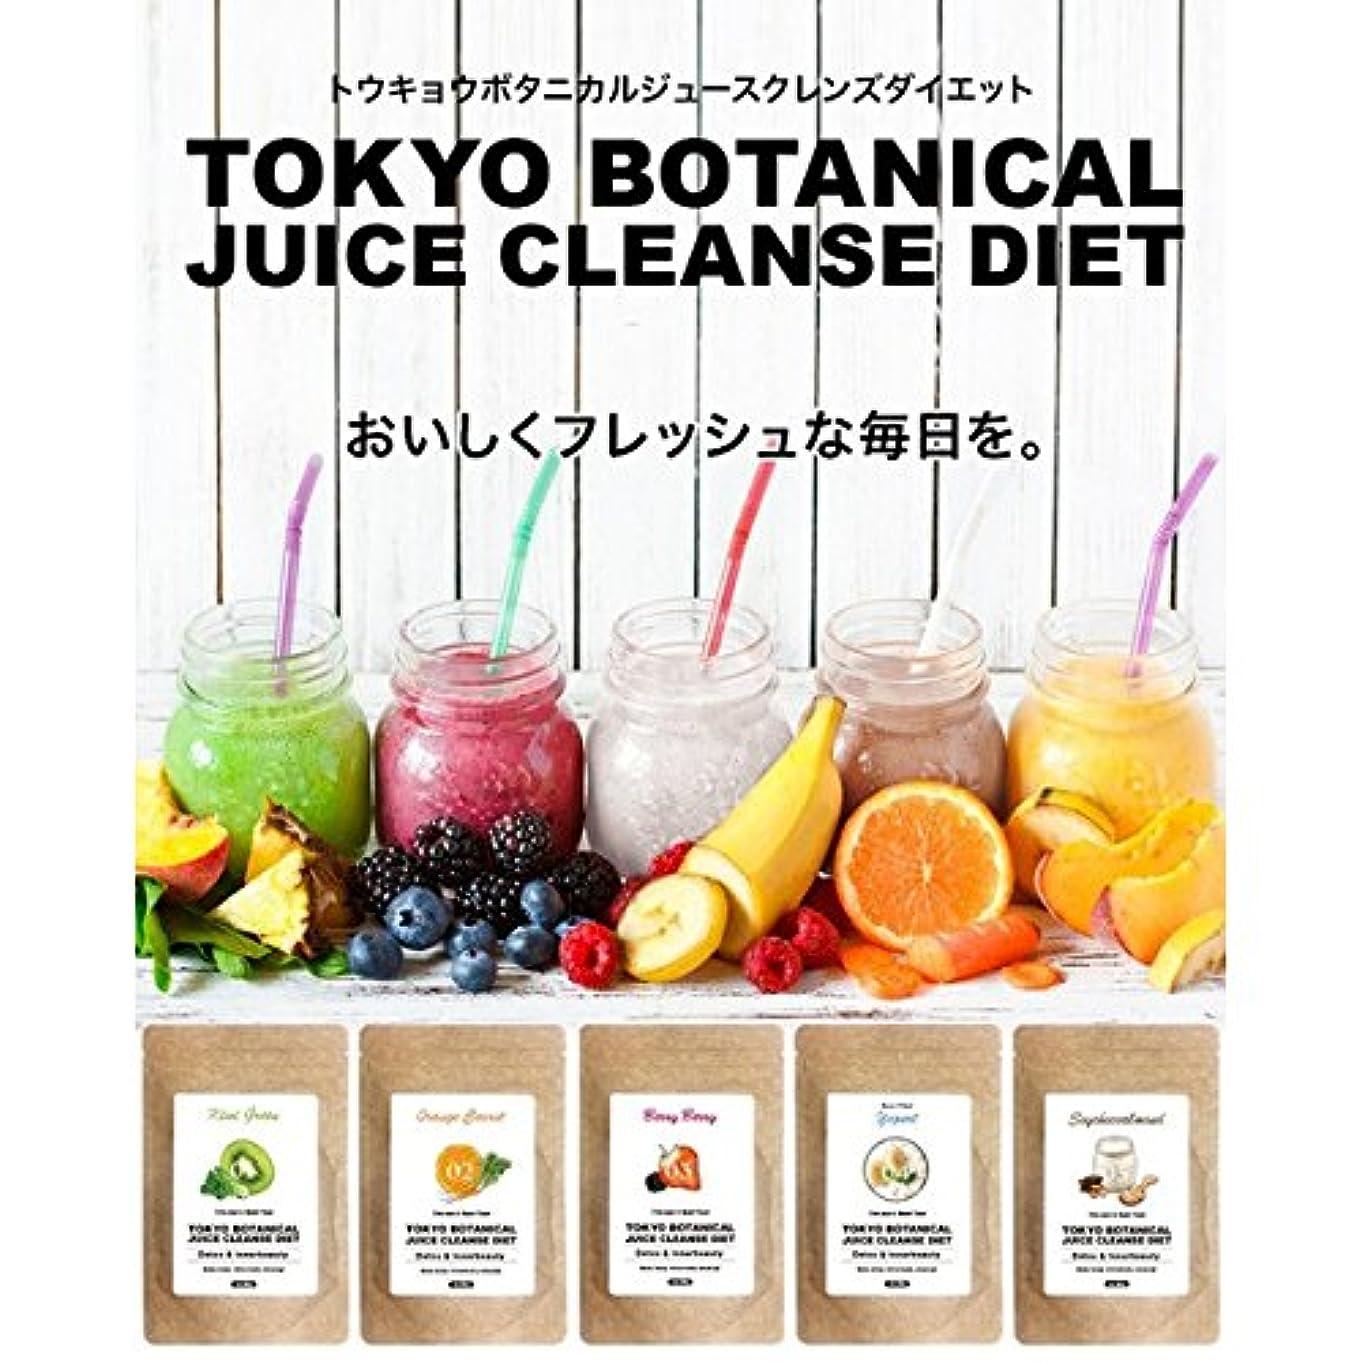 海岸ブリークネコ東京ボタニカルジュースクレンズダイエット  ヨーグルト&ソイチョコアーモンドセット